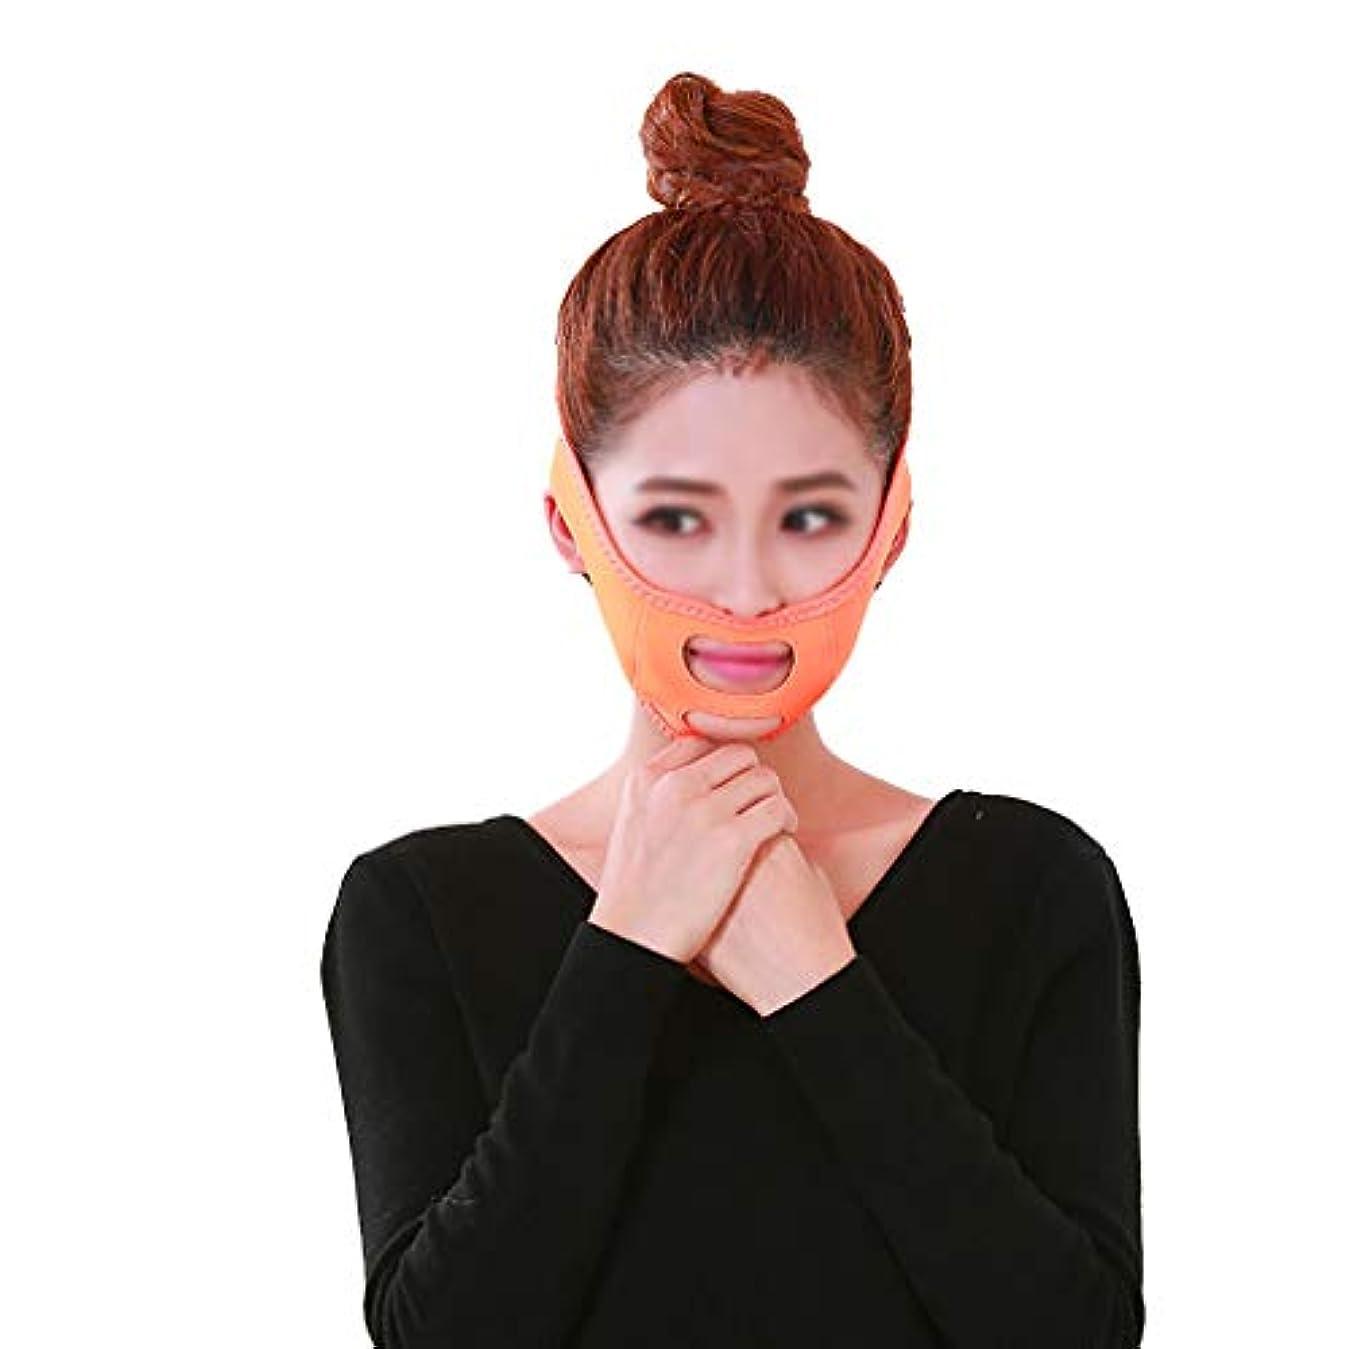 ペレットこの翻訳フェイスリフトフェイシャル、フェイシャルマスクVフェイスマスクタイトな肌のリラクゼーションを防ぐVフェイスアーティファクトフェイスリフト包帯フェイスケア (Color : Orange)